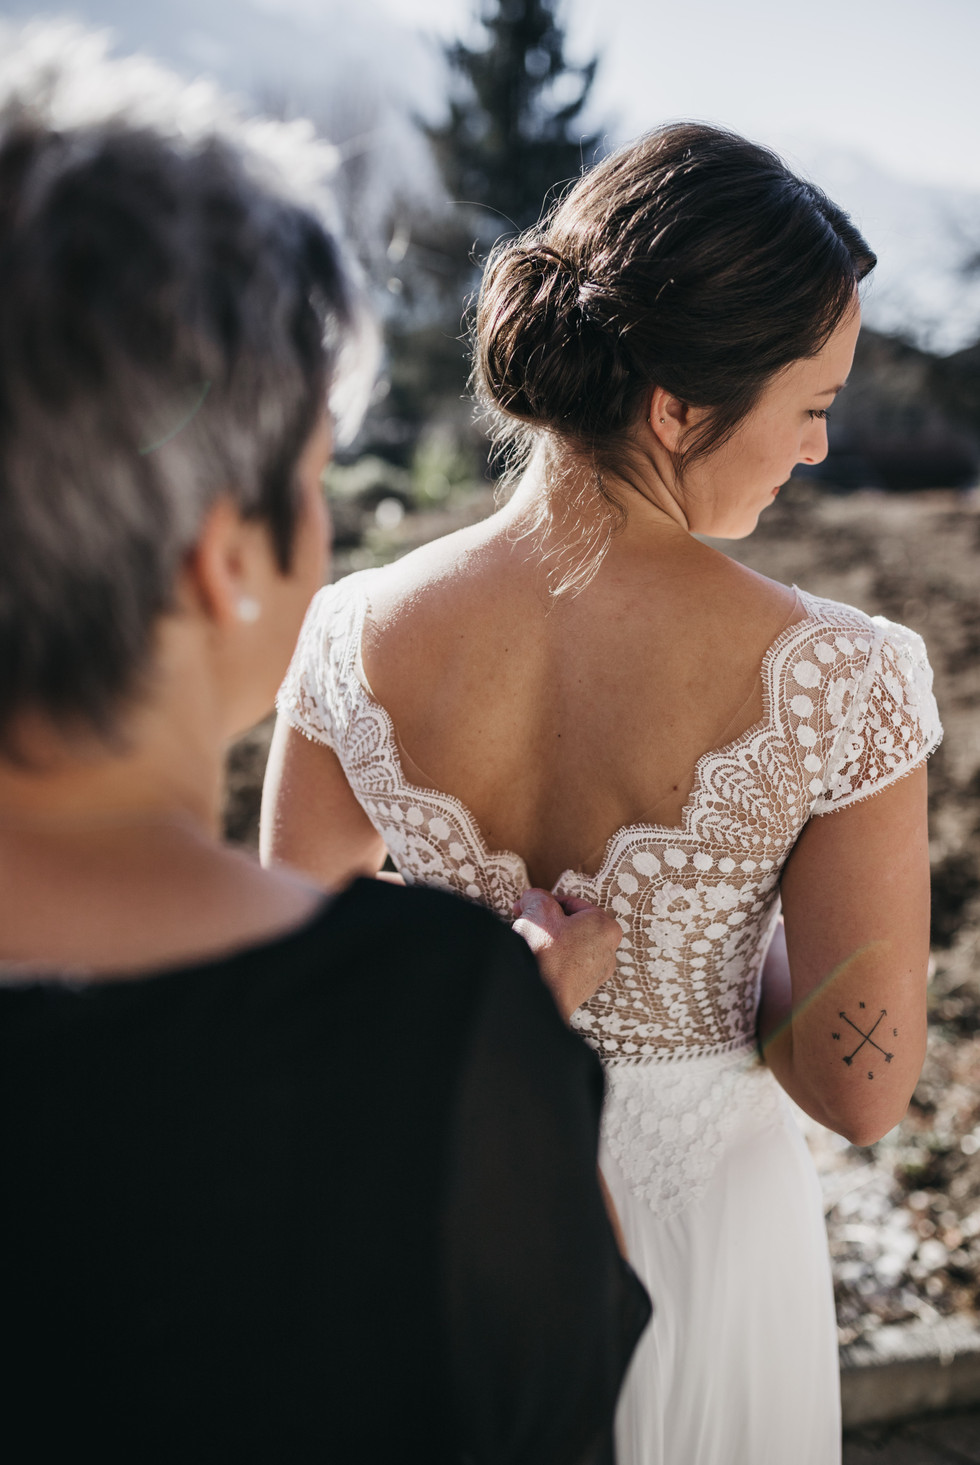 Hochzeitsfotografen-8.jpg